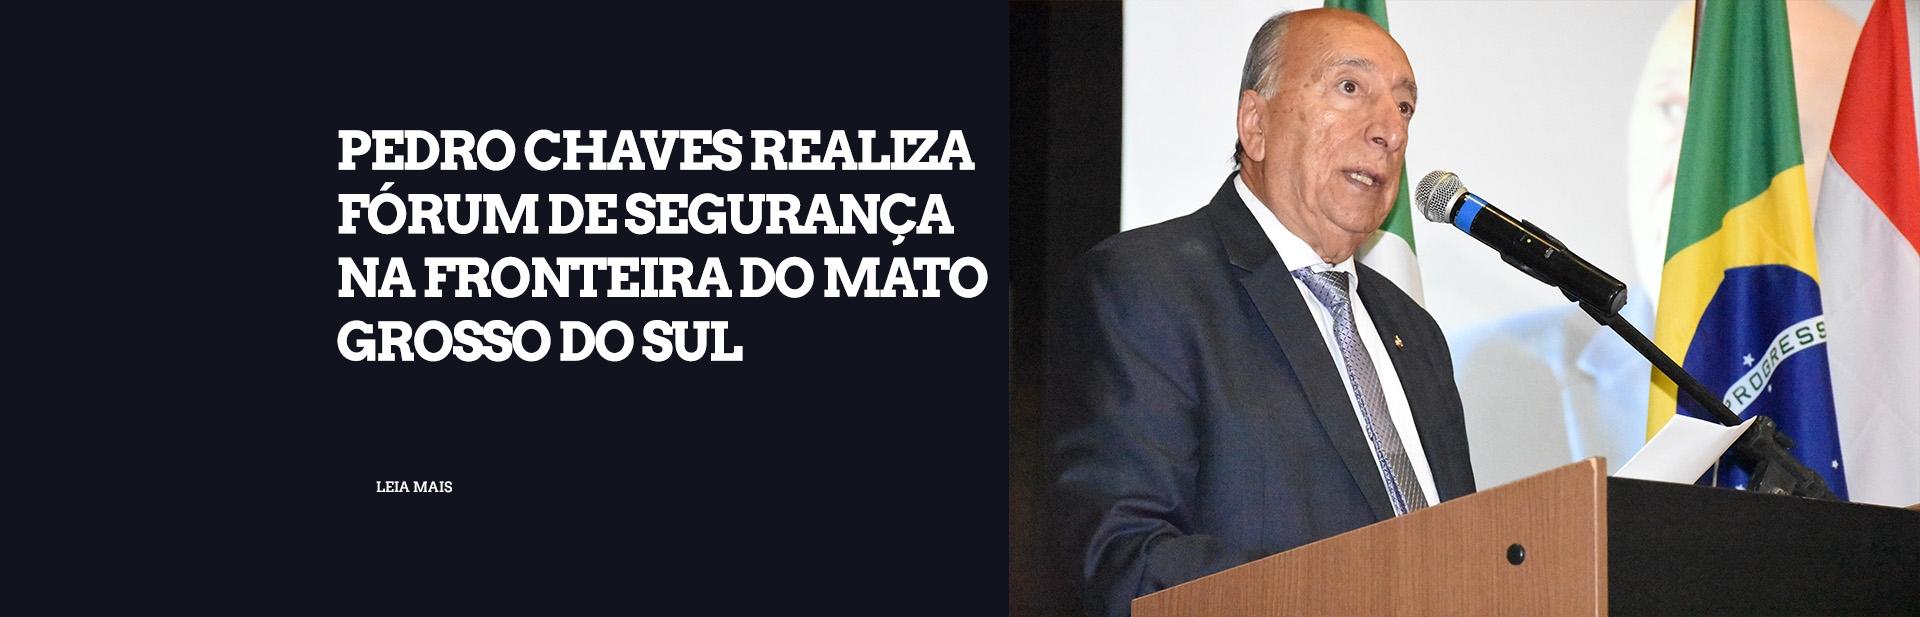 Pedro Chaves realiza Fórum de Segurança na Fronteira do MS